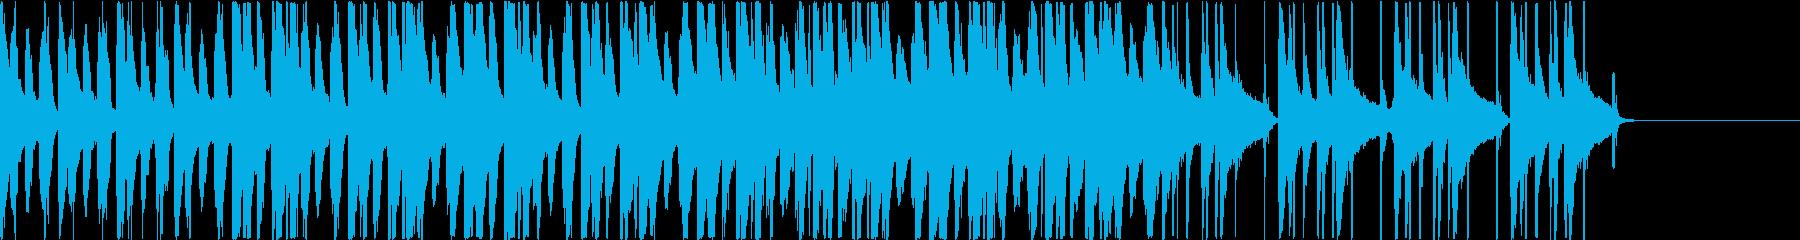 ウクレレ、ポップ、爽やか、CMに最適Cの再生済みの波形